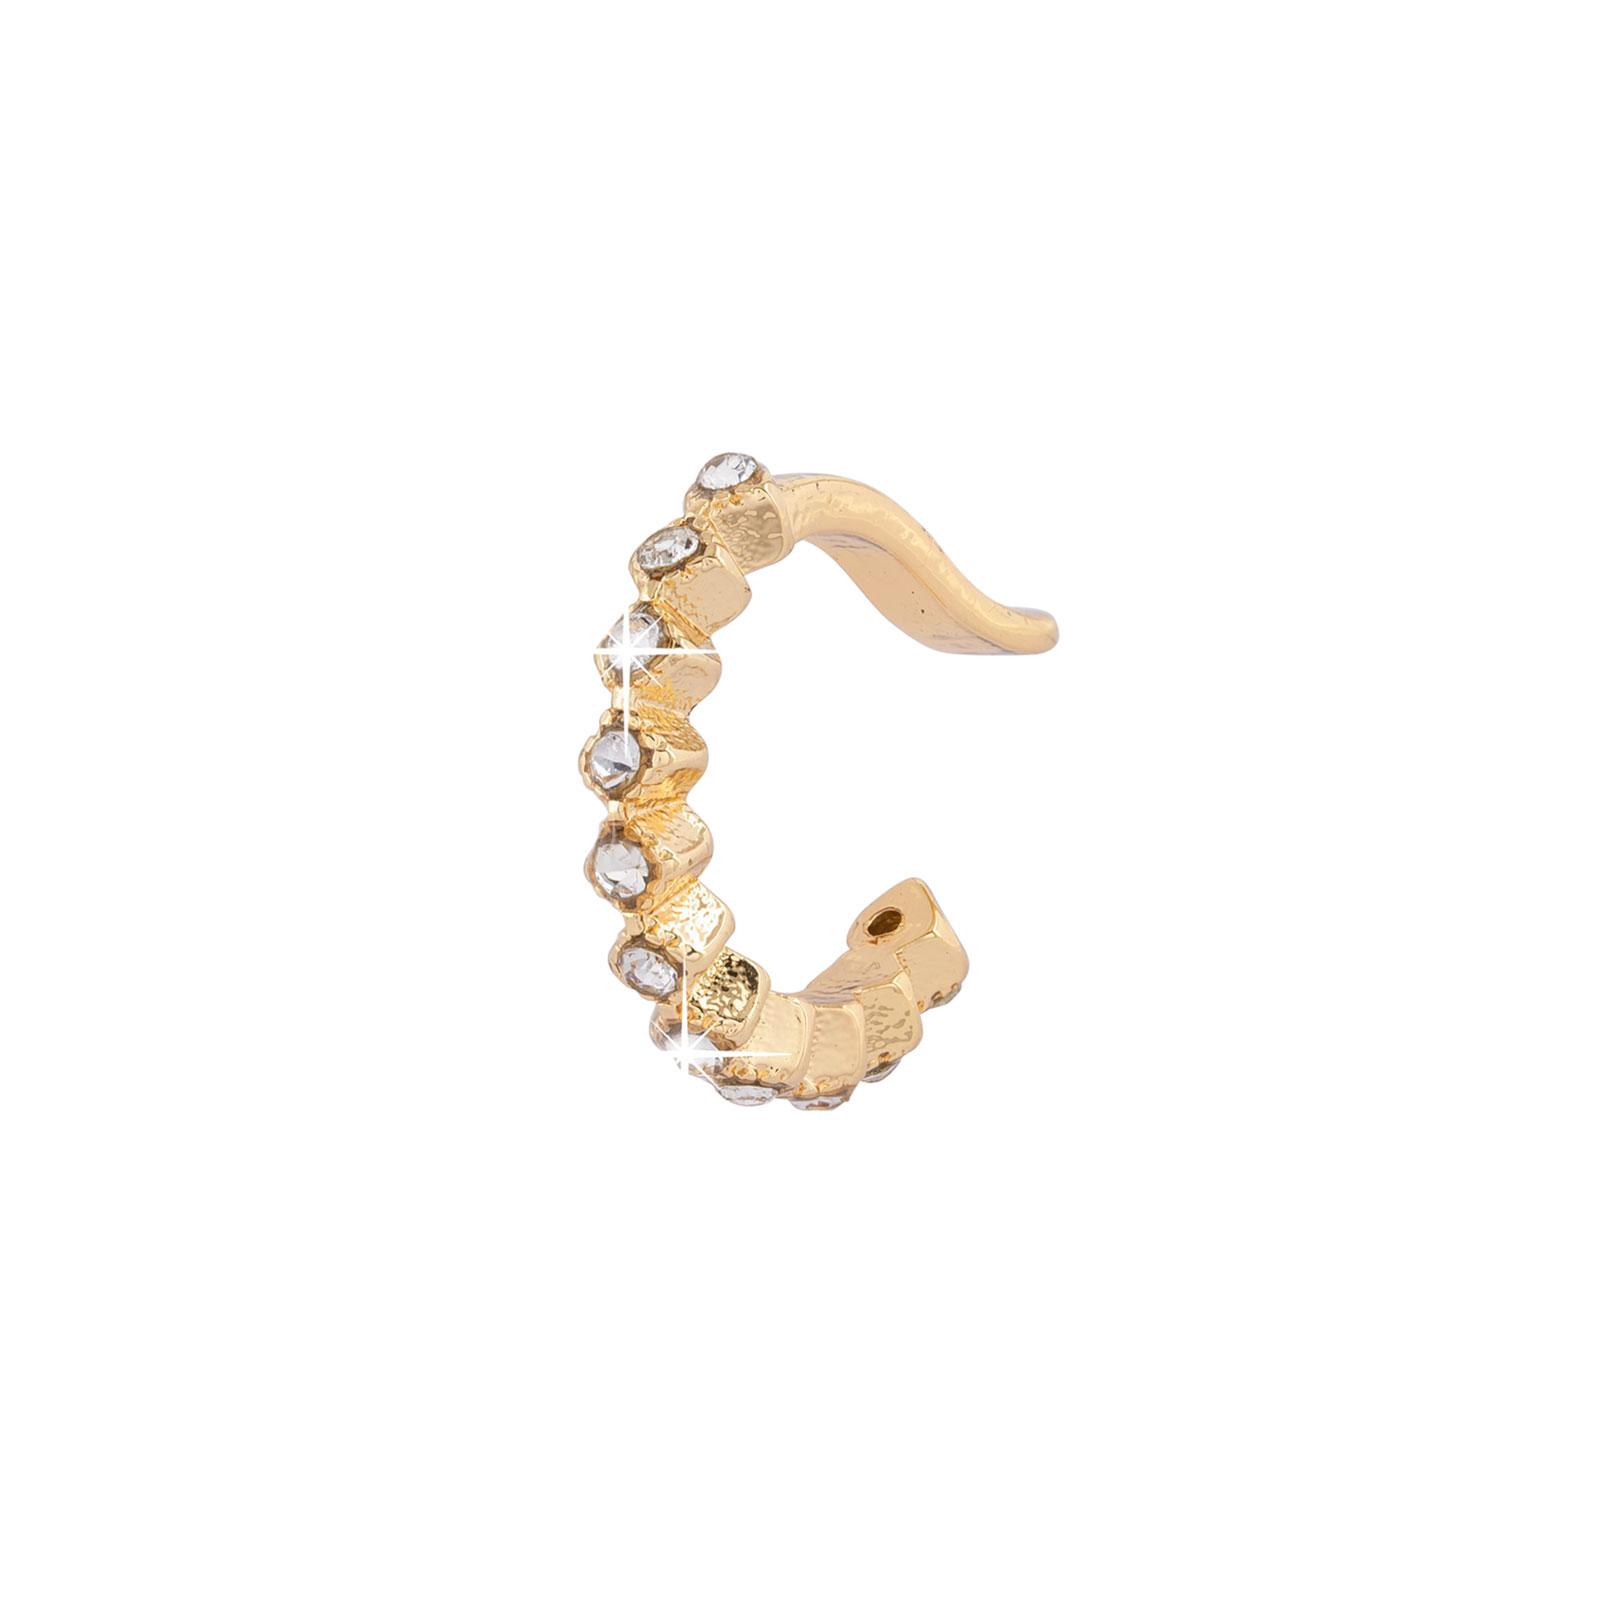 Earcuff - guldfärgad med fyrkantiga stenar